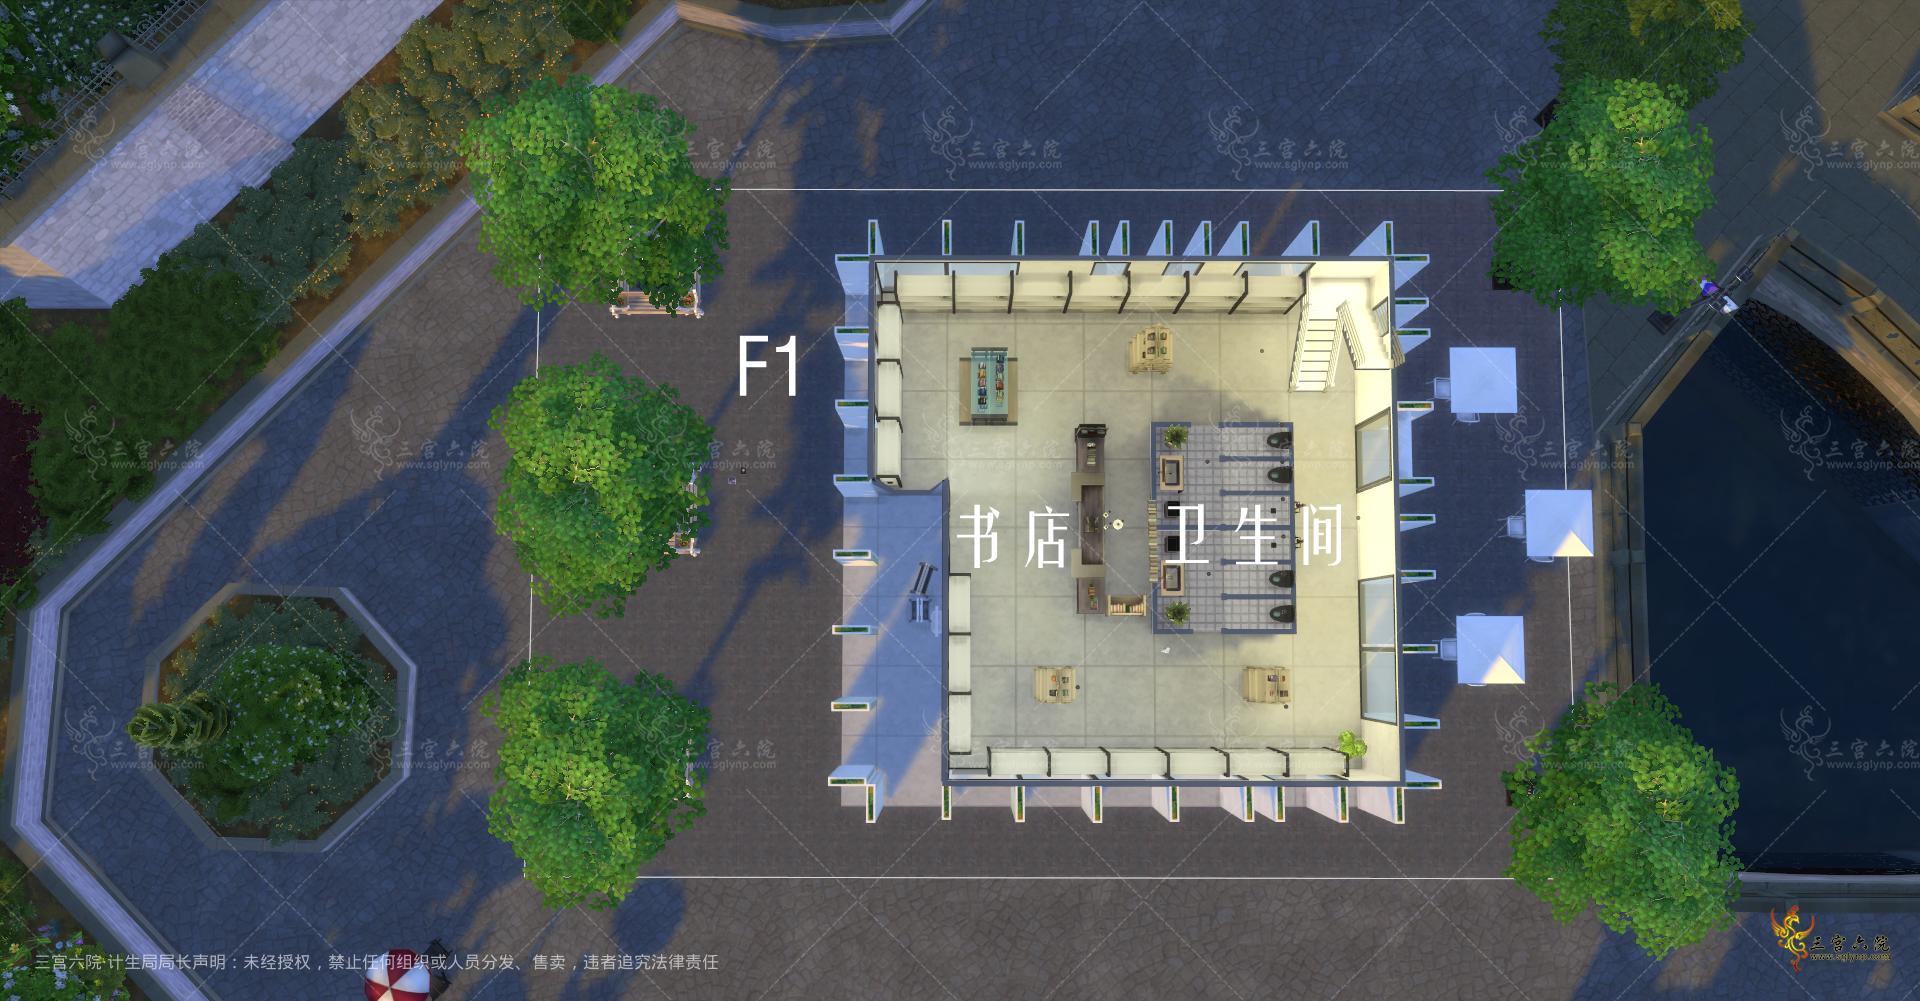 Sims 4 Screenshot 2021.09.20 - 22.44.12.40_副本.png